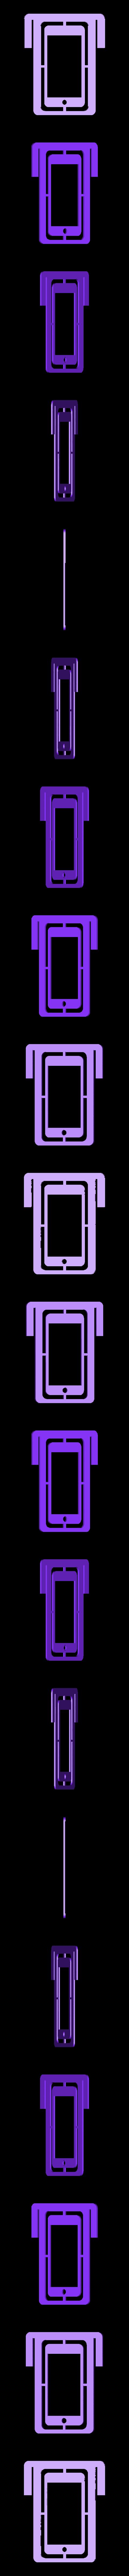 iOS_Design_Template_50_Scale.stl Télécharger fichier STL gratuit Pochoir et signet iOS Design • Objet pour impression 3D, arron_mollet22